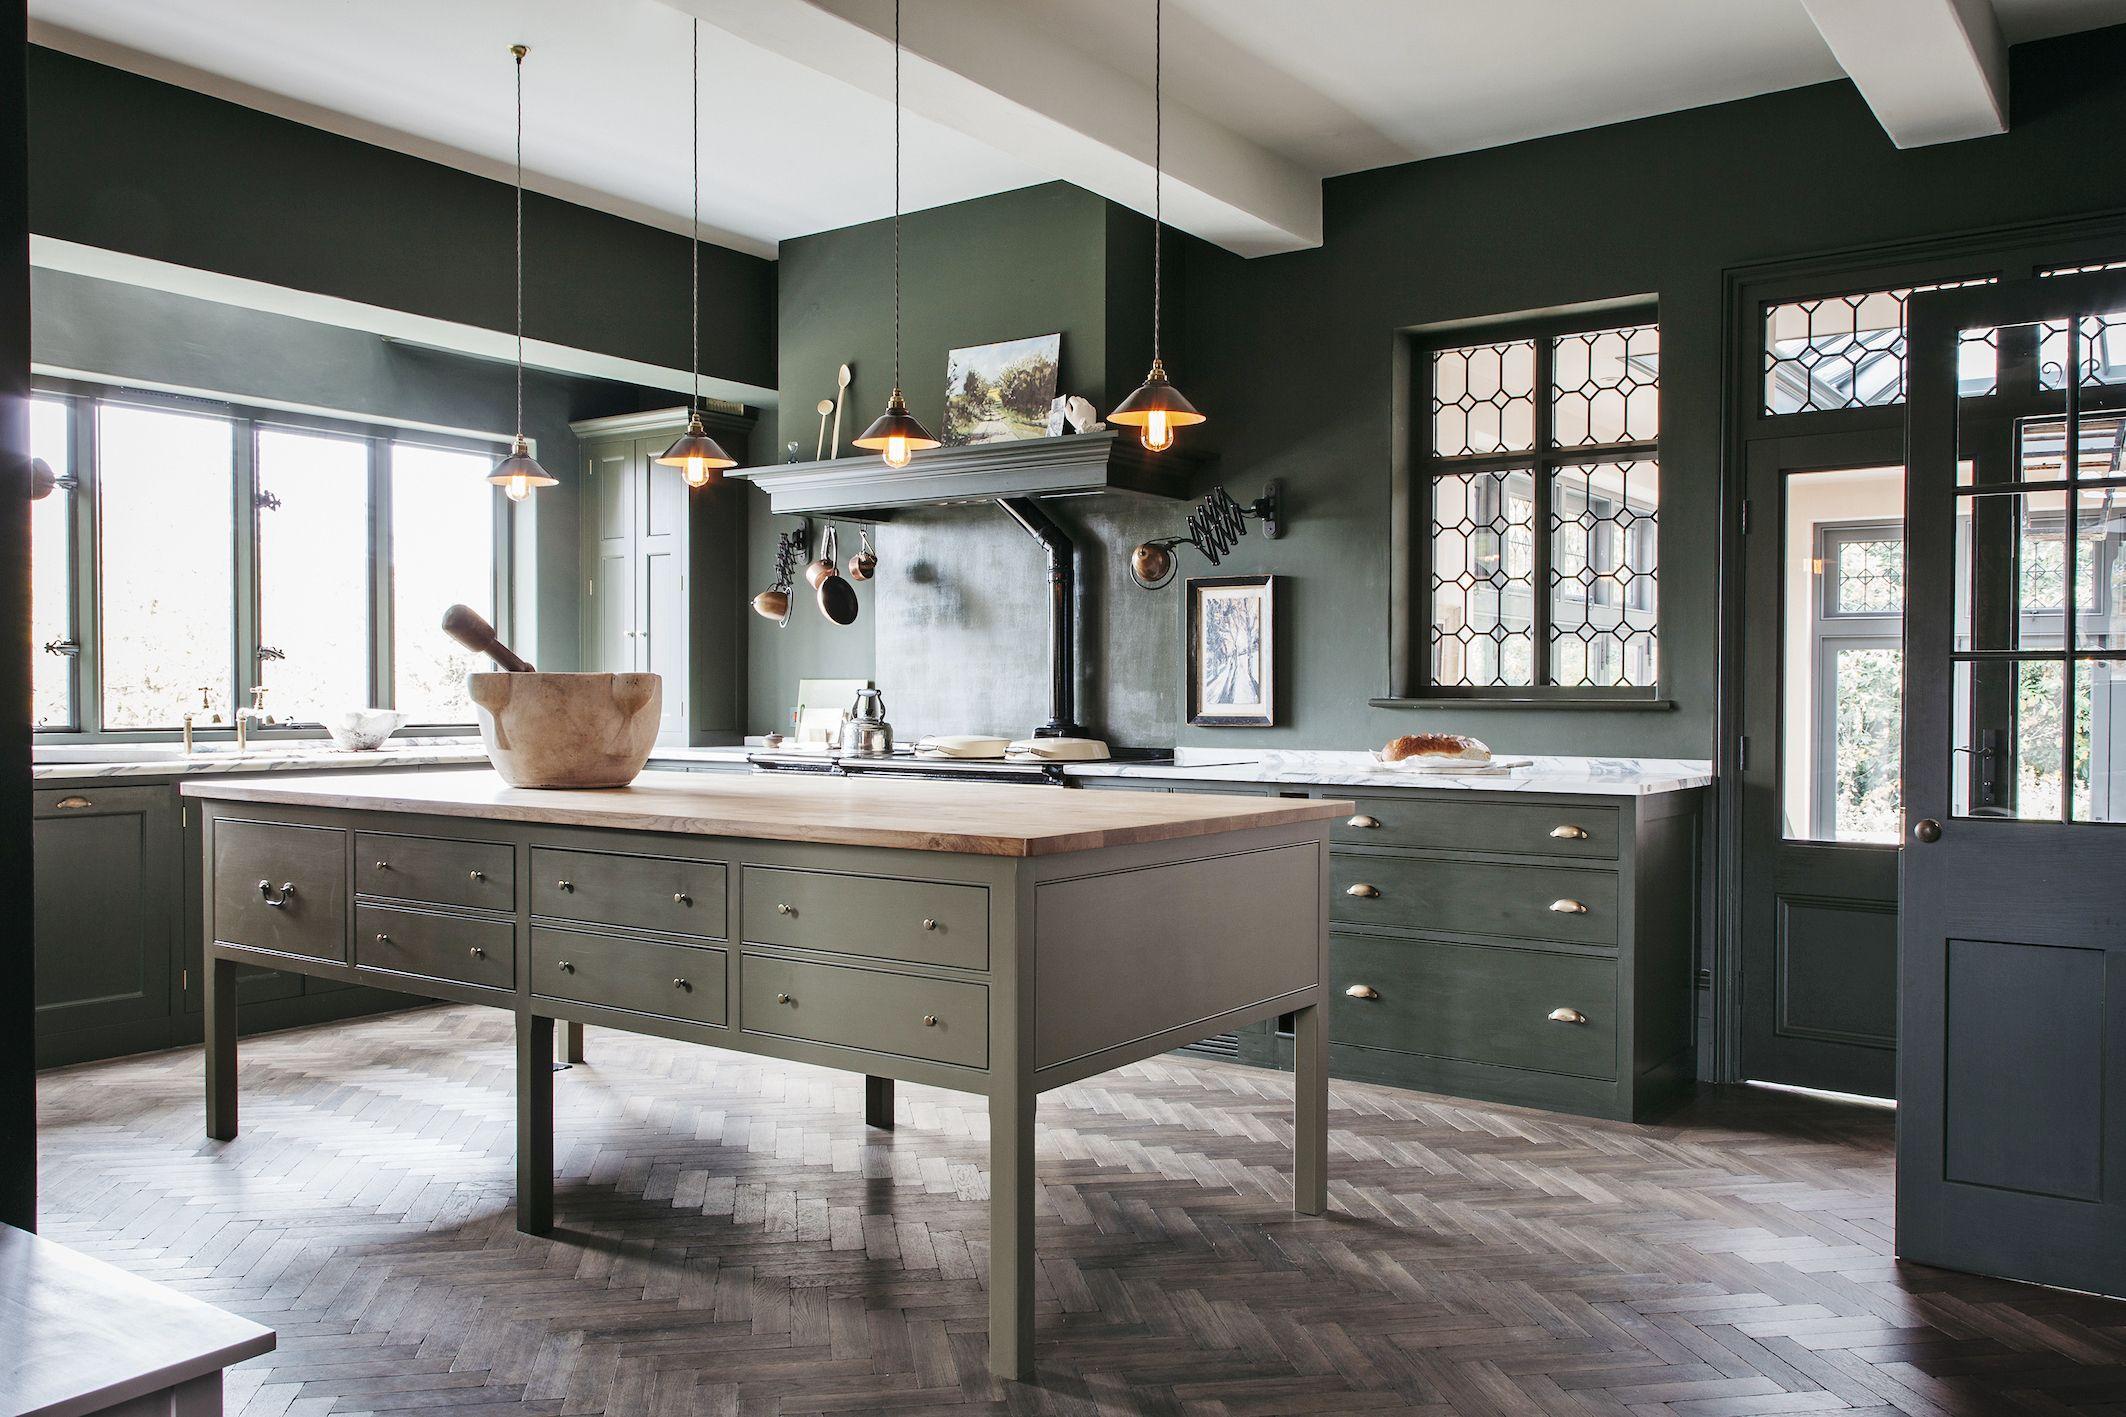 8 Gorgeous English Kitchen Ideas , English Country Kitchen Style